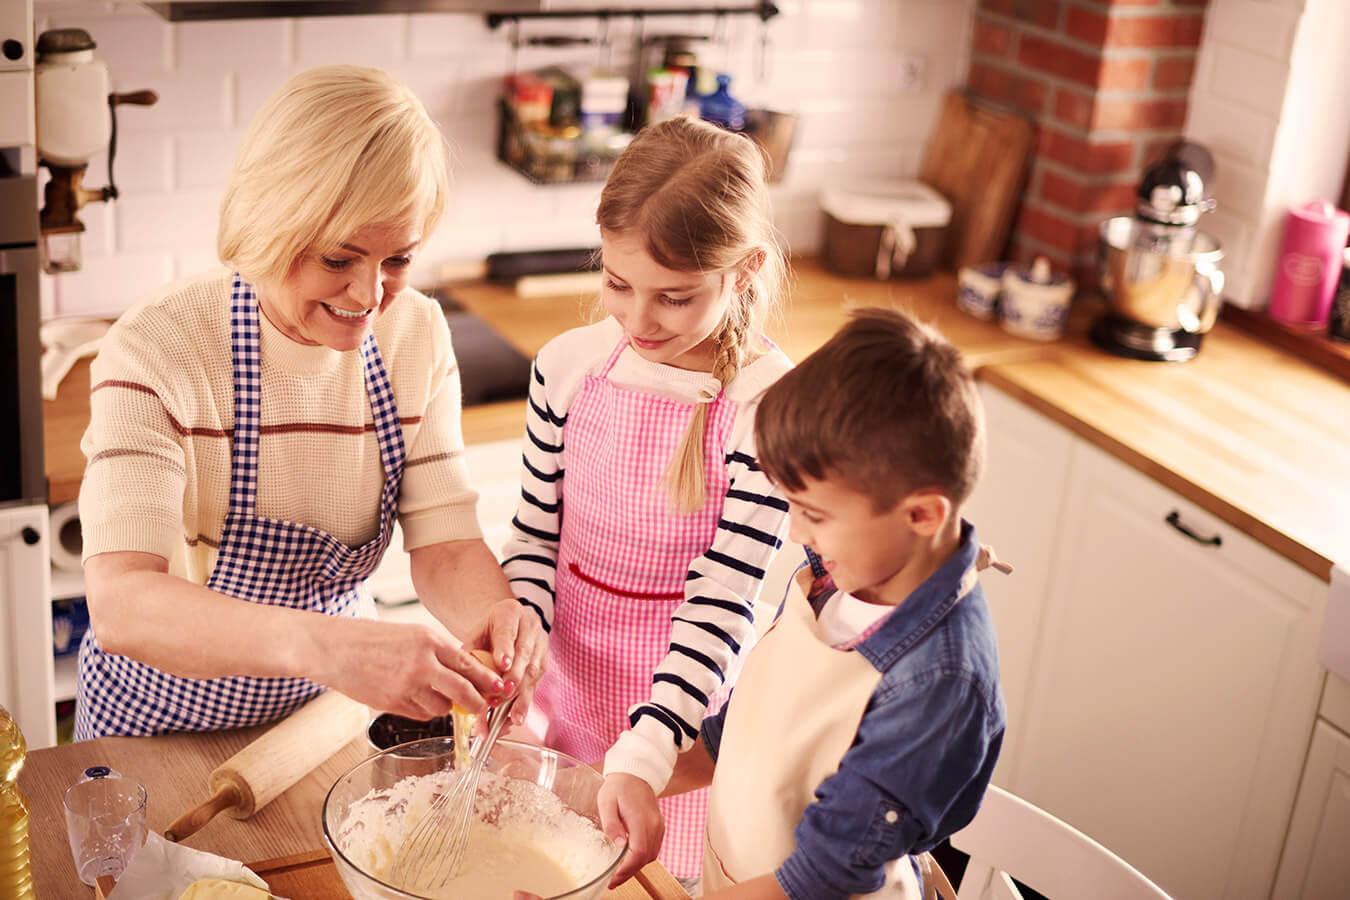 Olej zamiast masła do ciasta – Co jeszcze można dać zamiast masła lub margaryny do ciasta?